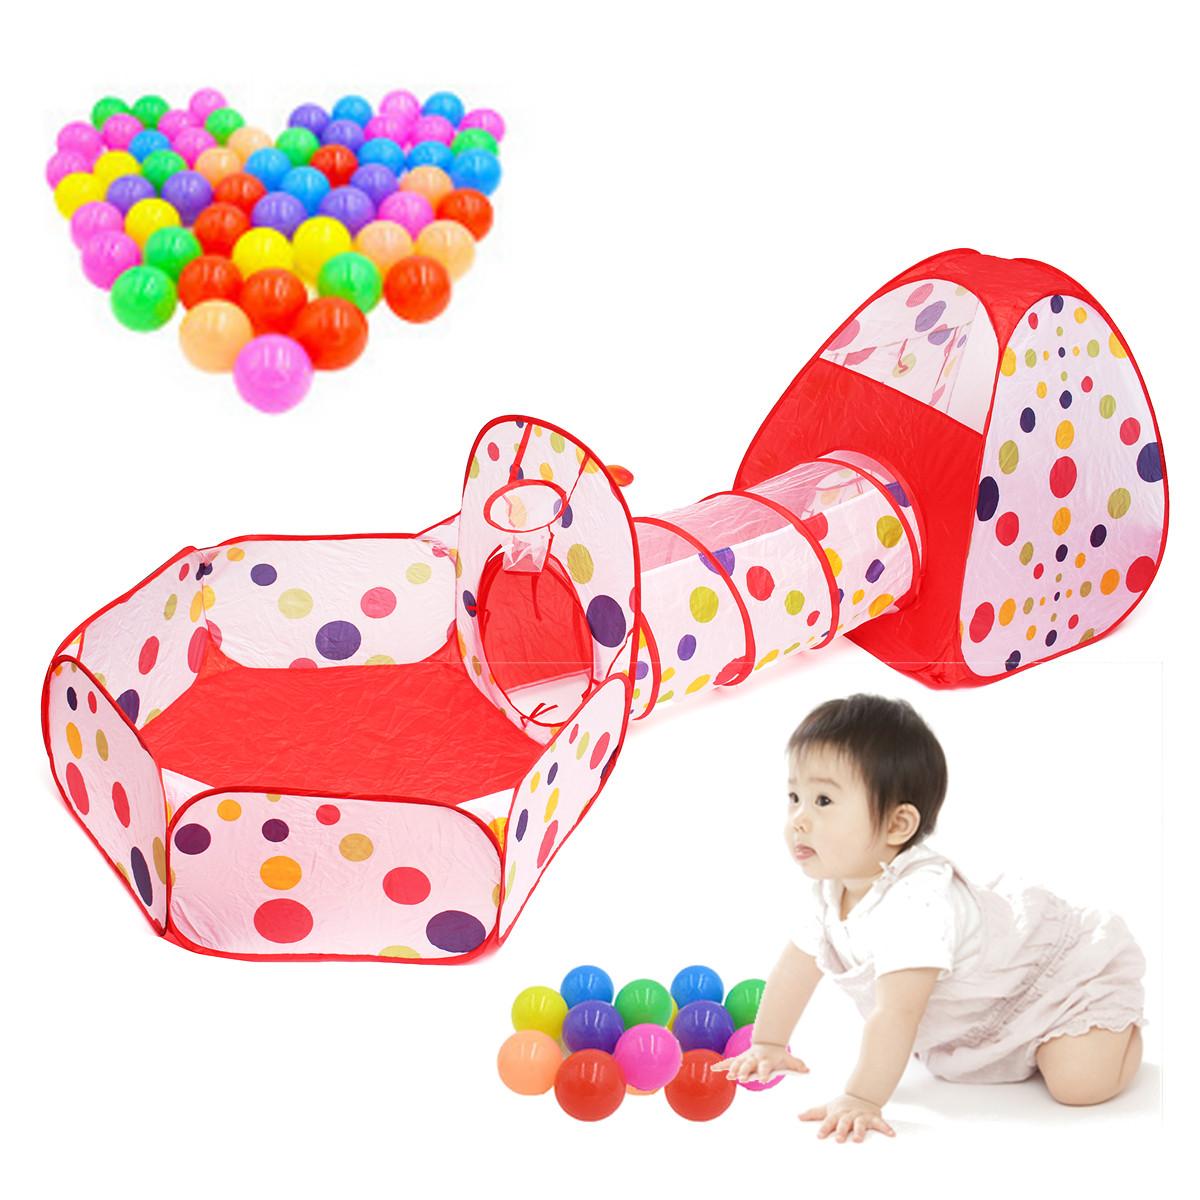 tente de jeu forme tunnel pour enfants b b jardin jouet rouge achat vente tente tunnel d. Black Bedroom Furniture Sets. Home Design Ideas